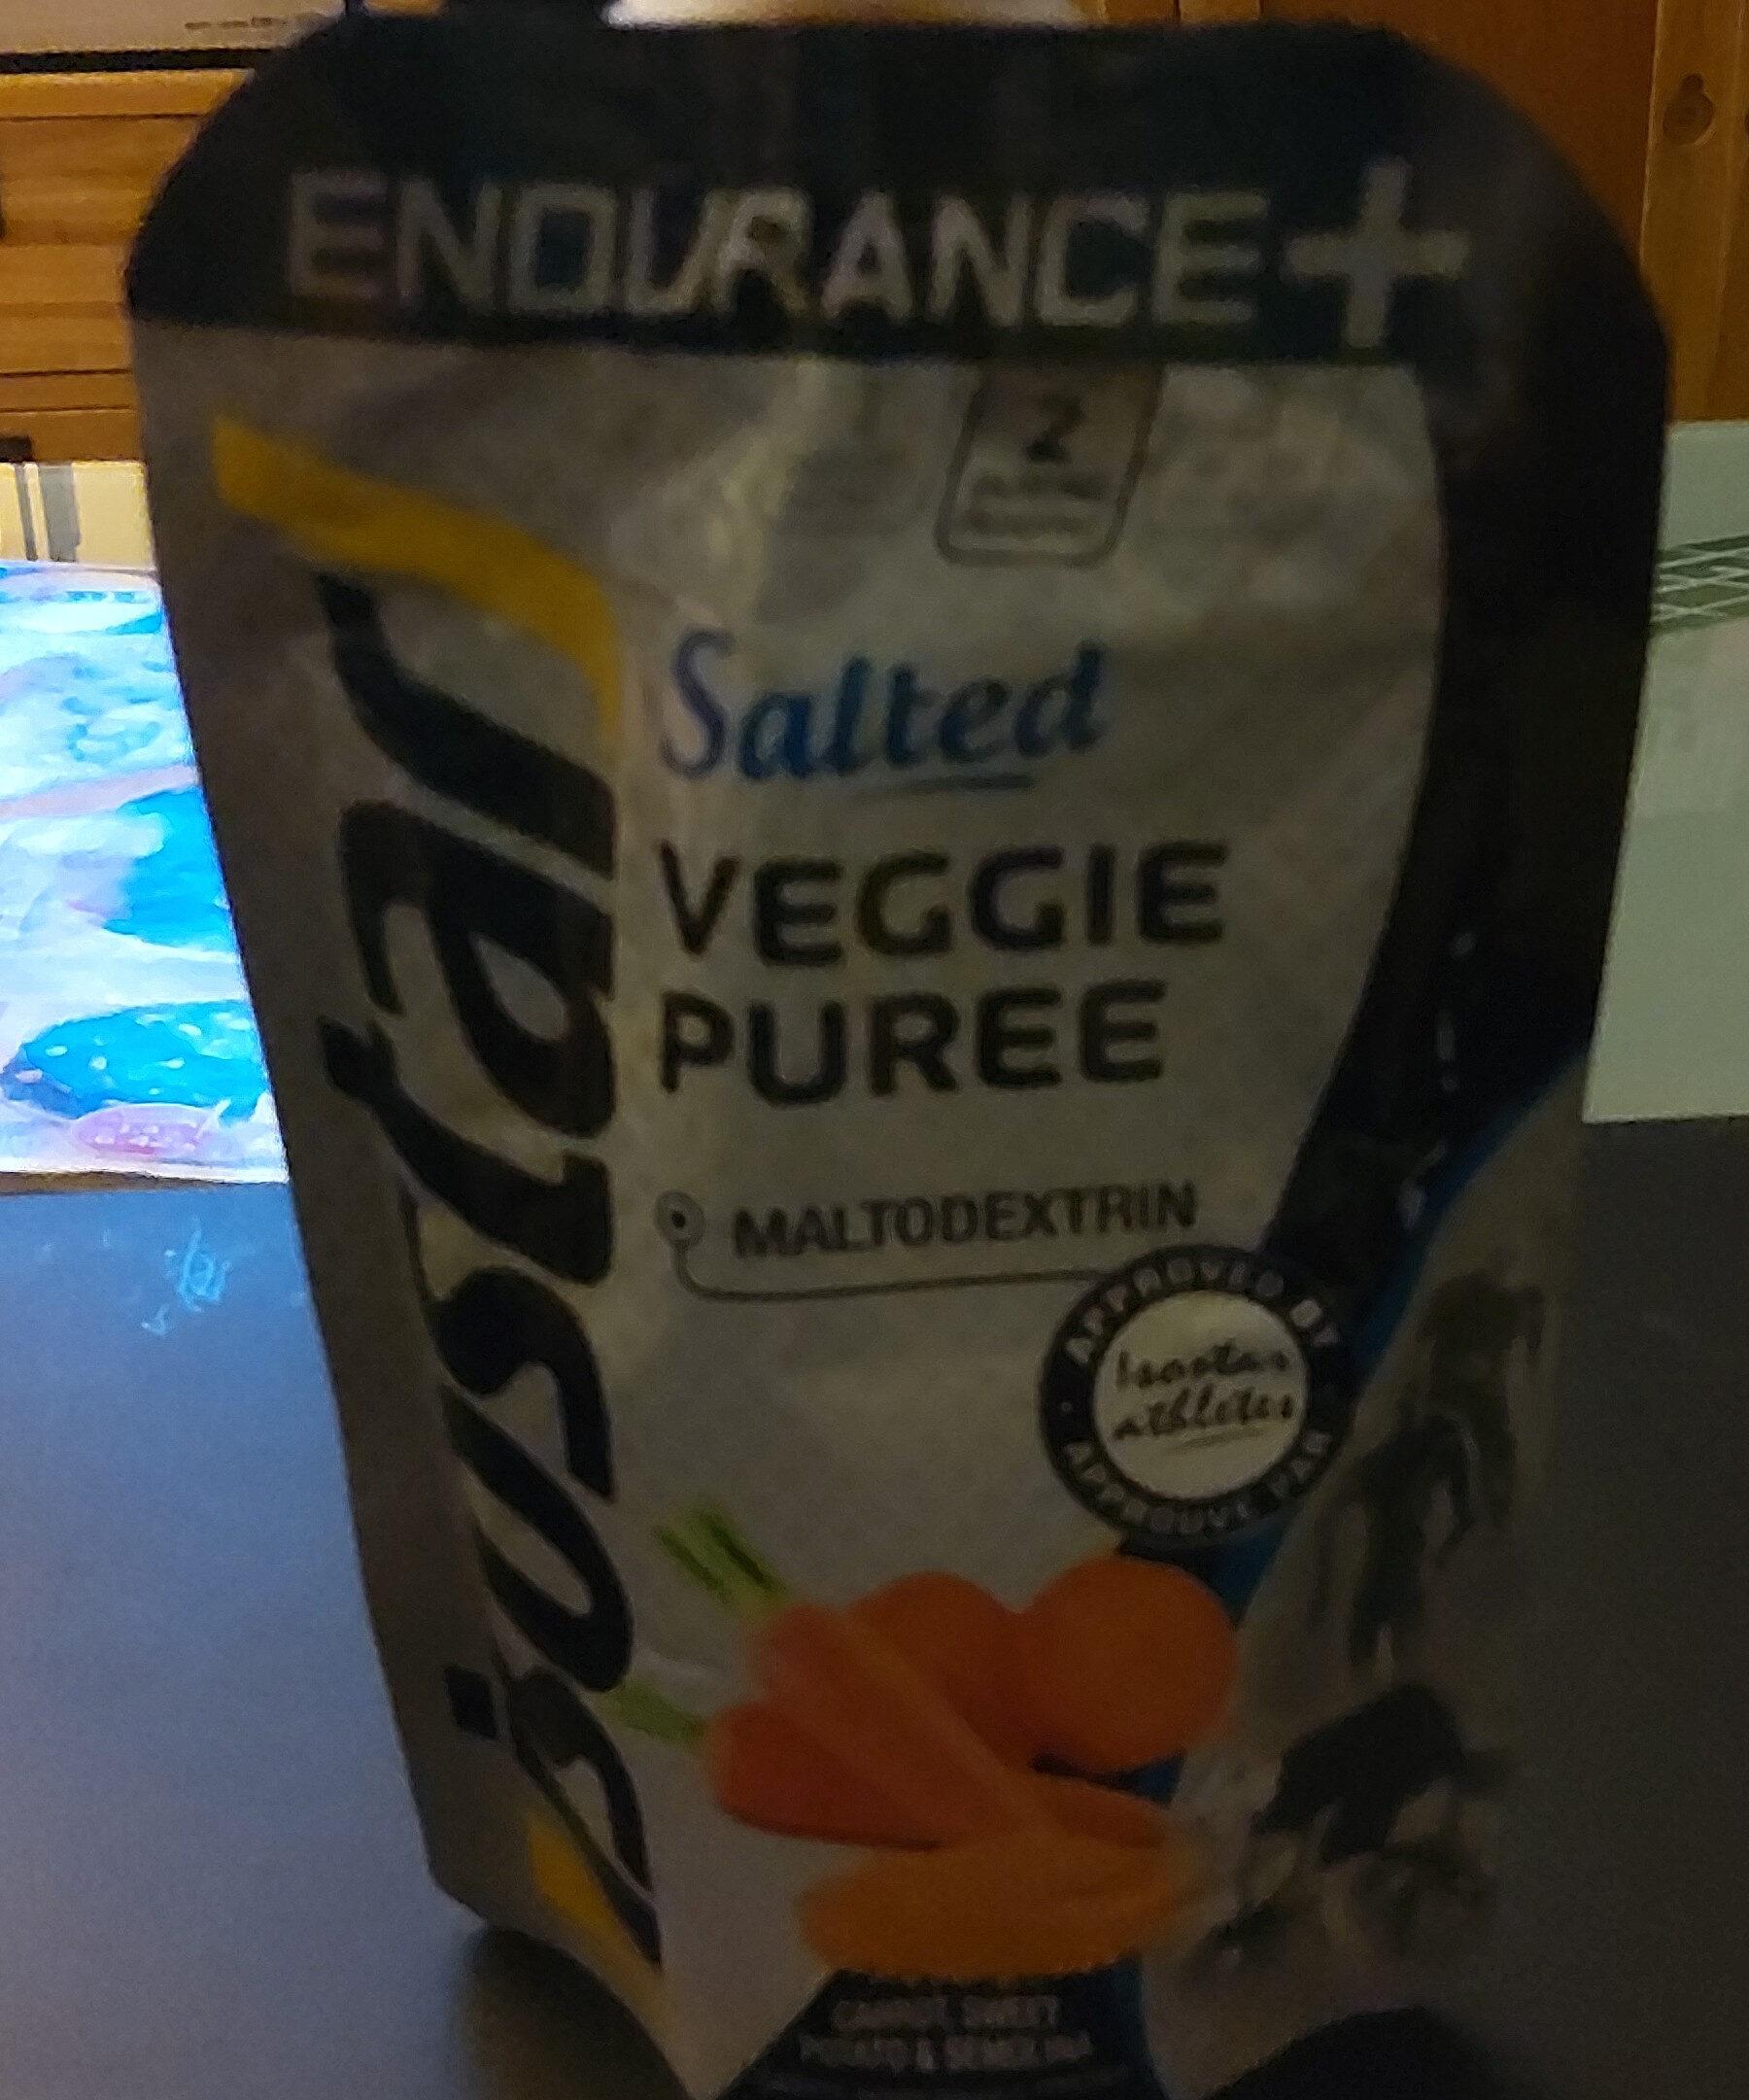 Isostar Salted Veggie Puree - Product